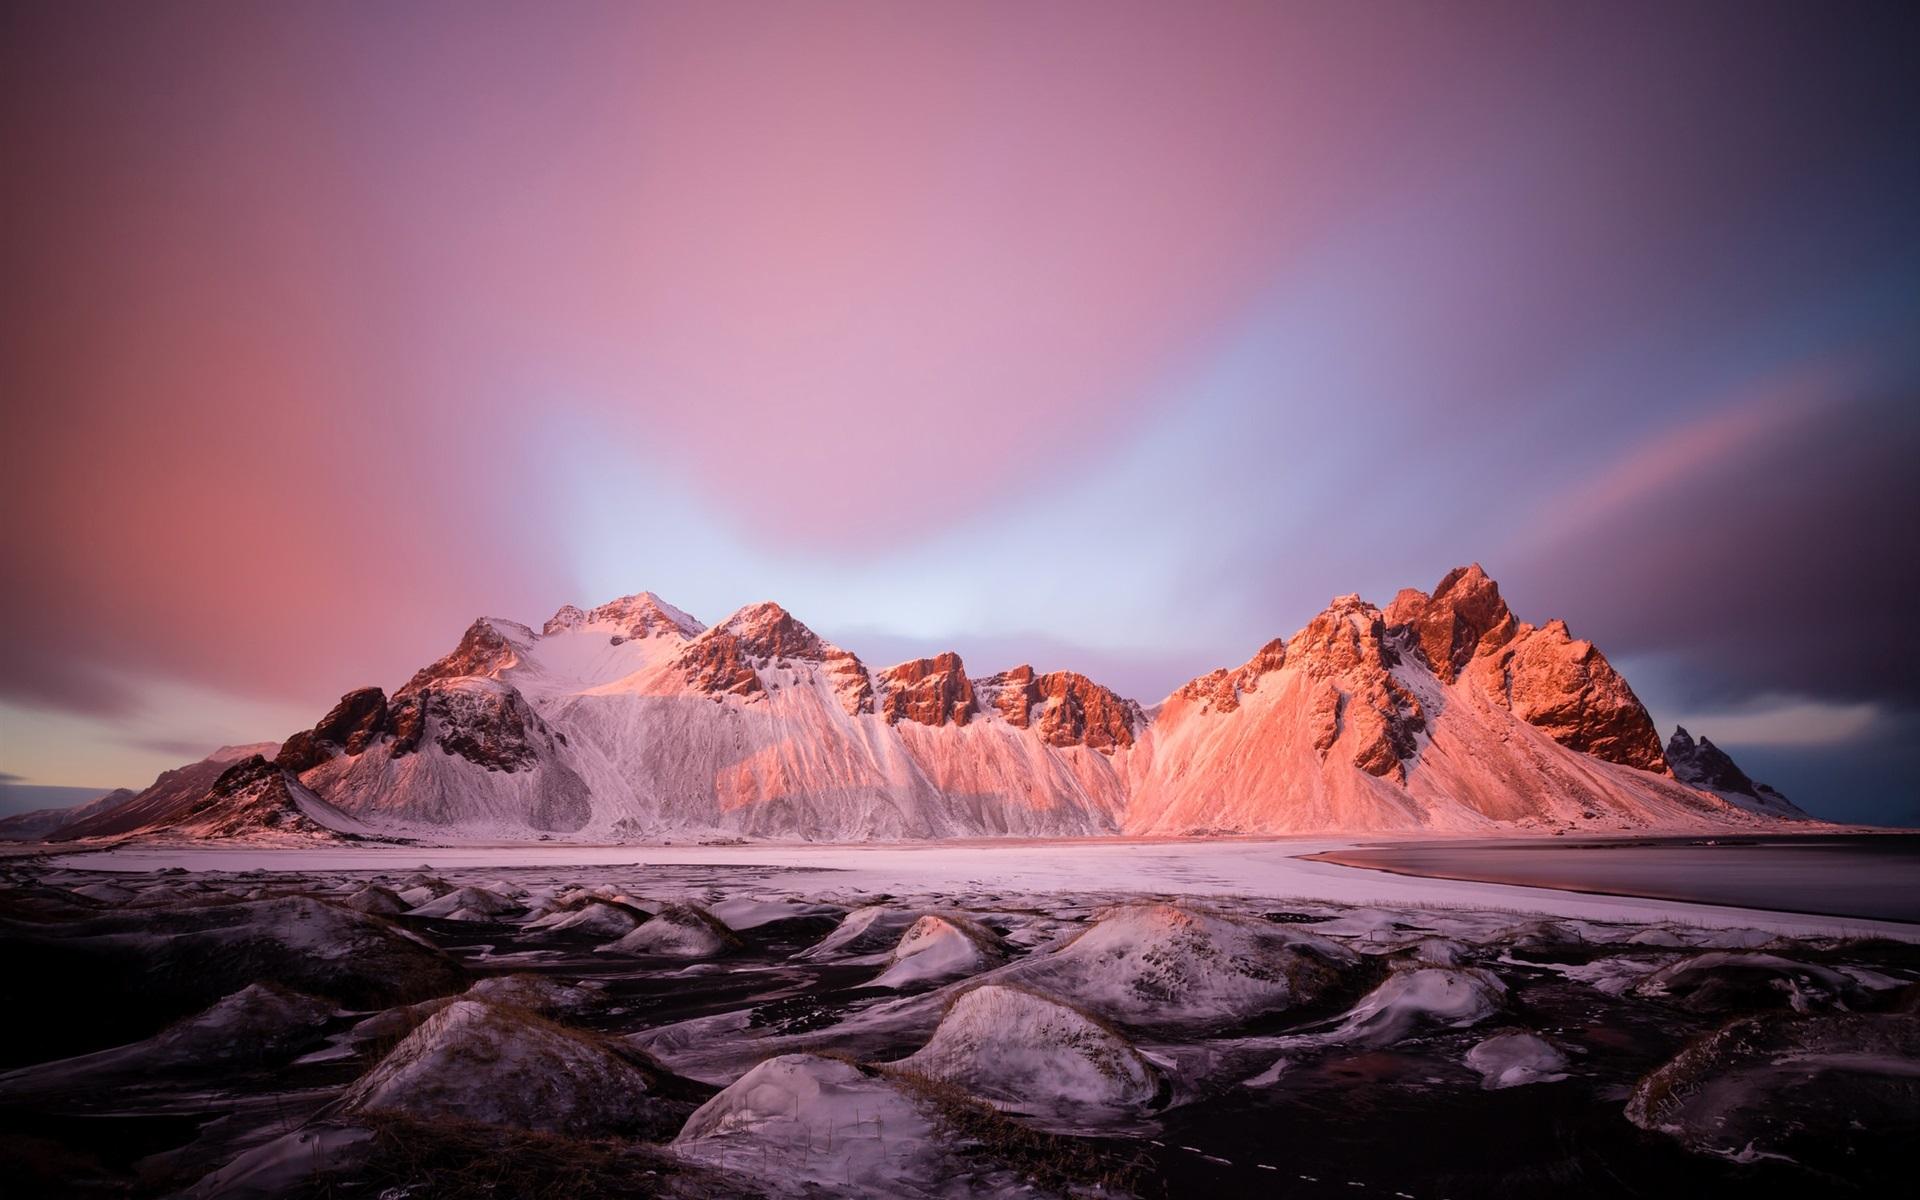 Lago Con Montañas Nevadas Hd: Fondos De Pantalla Invierno, Lago, Nieve, Piedras